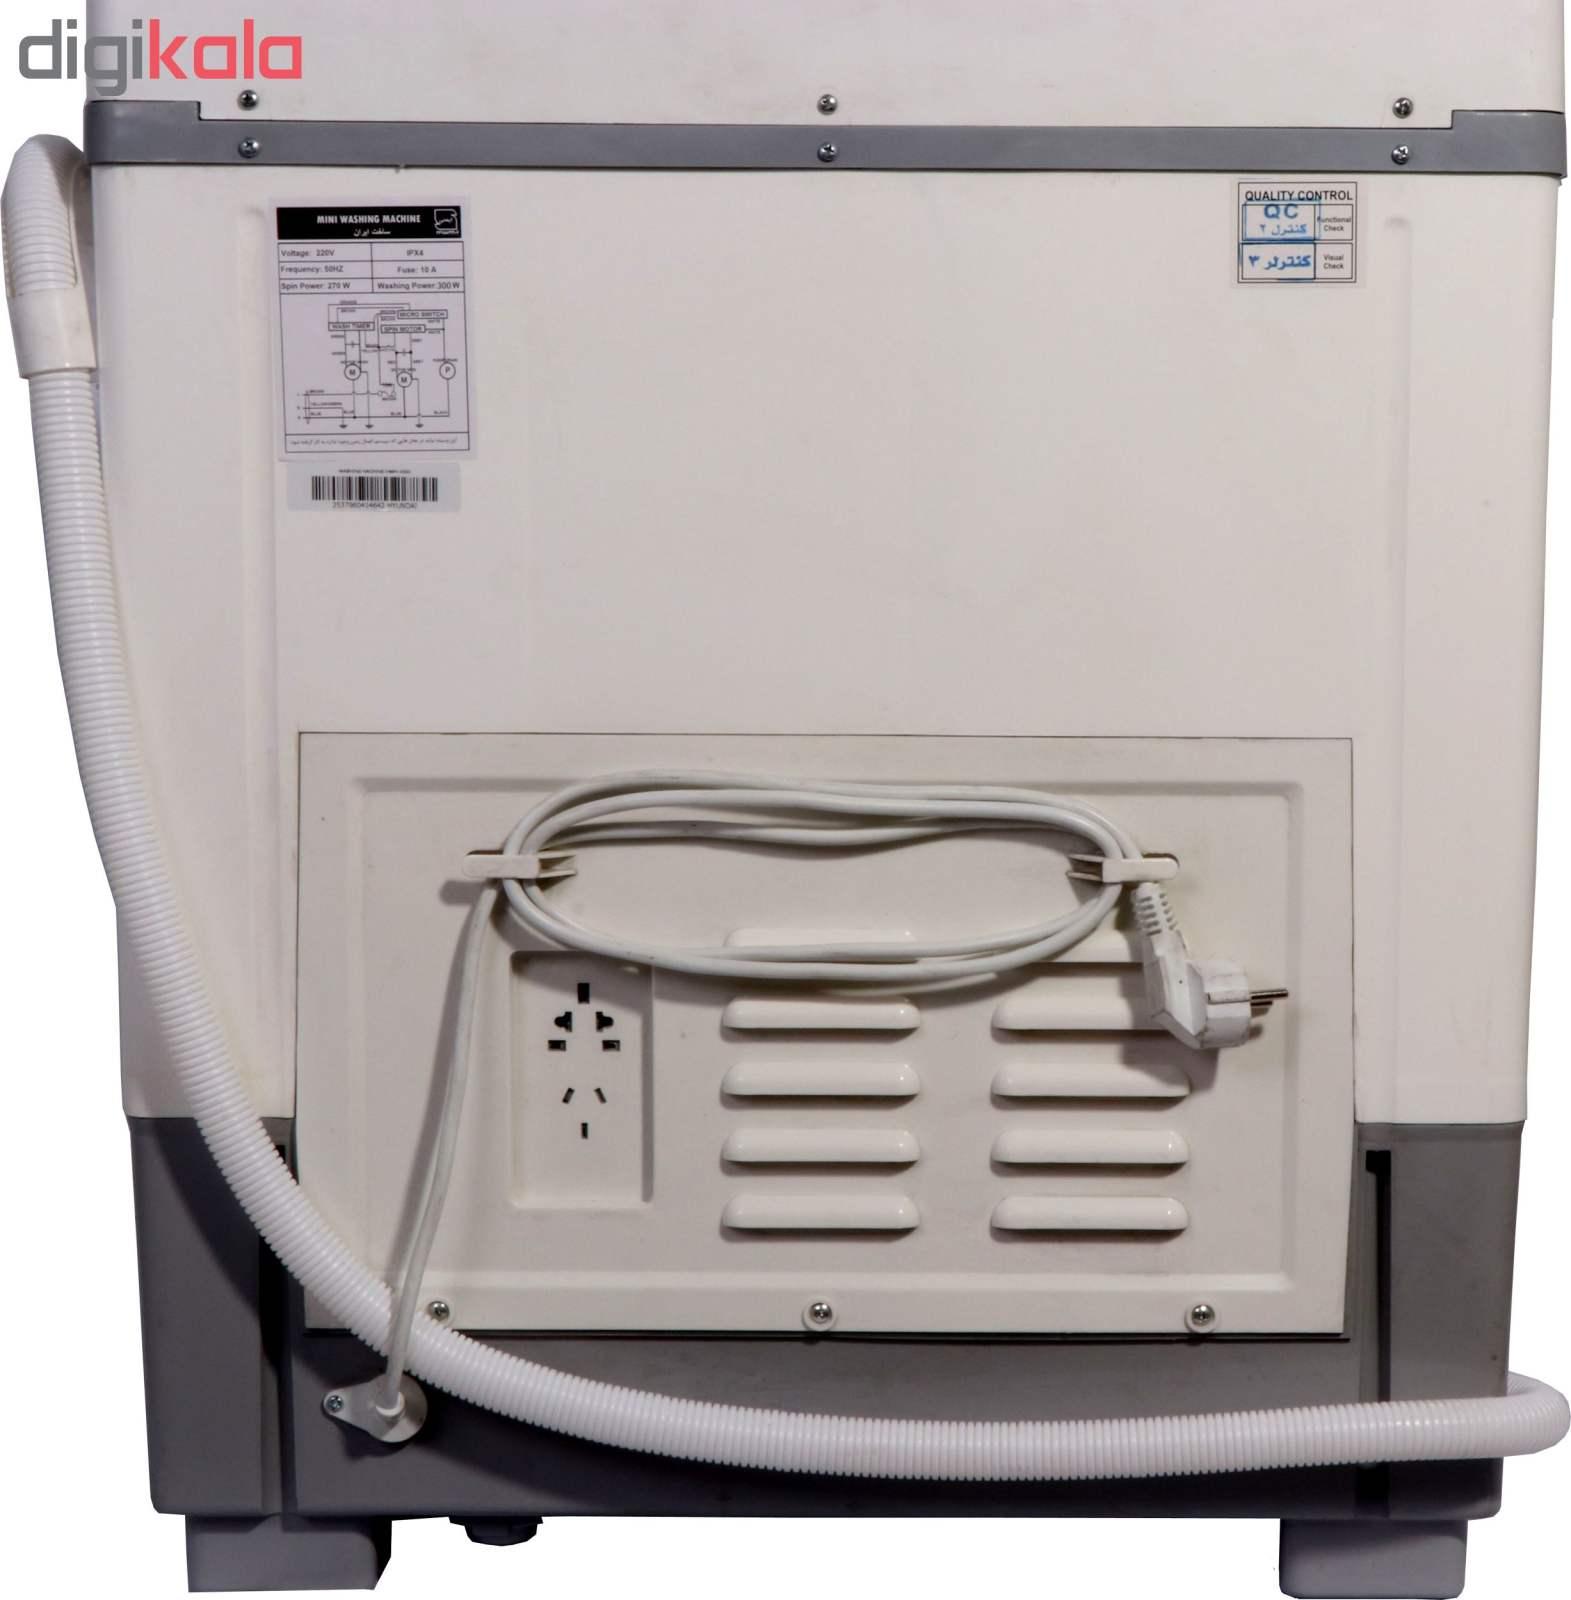 ماشین لباسشویی هیوندای مدل HWM-4500 ظرفیت 4.5 کیلوگرم thumb 8